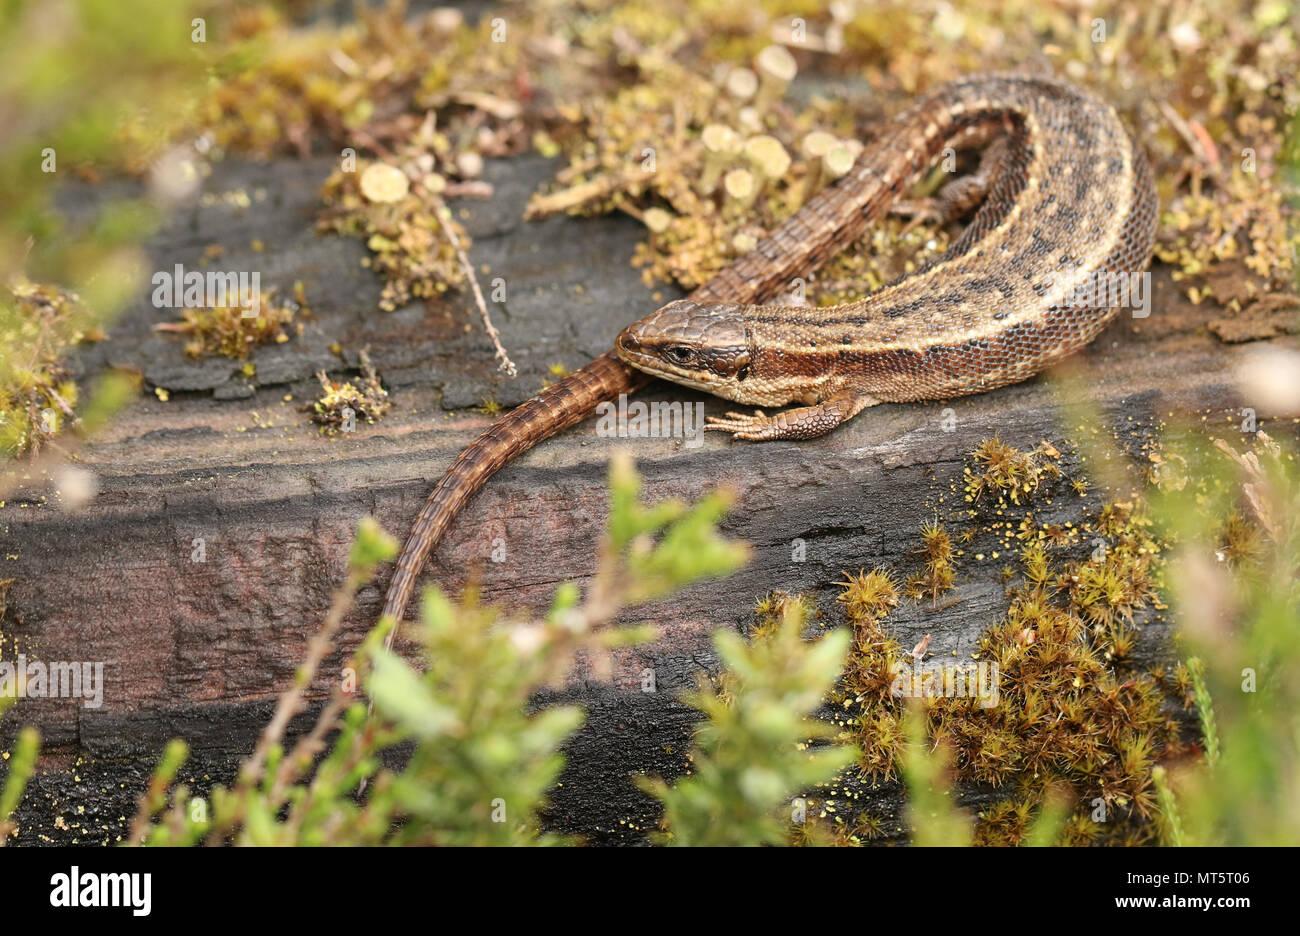 Eine atemberaubende Gemeinsame Lizard (Zootoca Vivipara) Erwärmung auf einem anmelden. Stockfoto